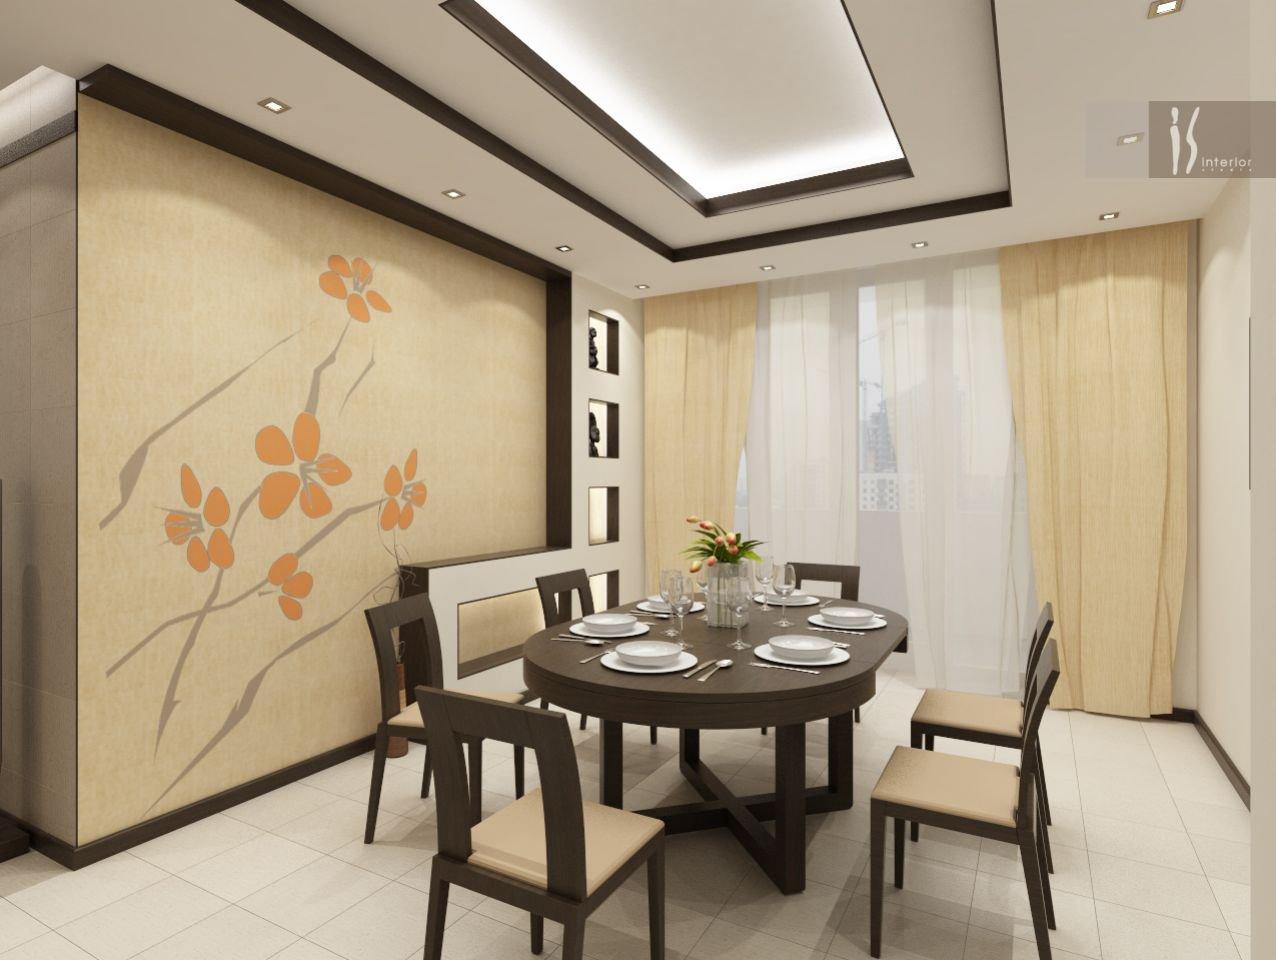 Кухня-столовая в квартире дизайн интерьер